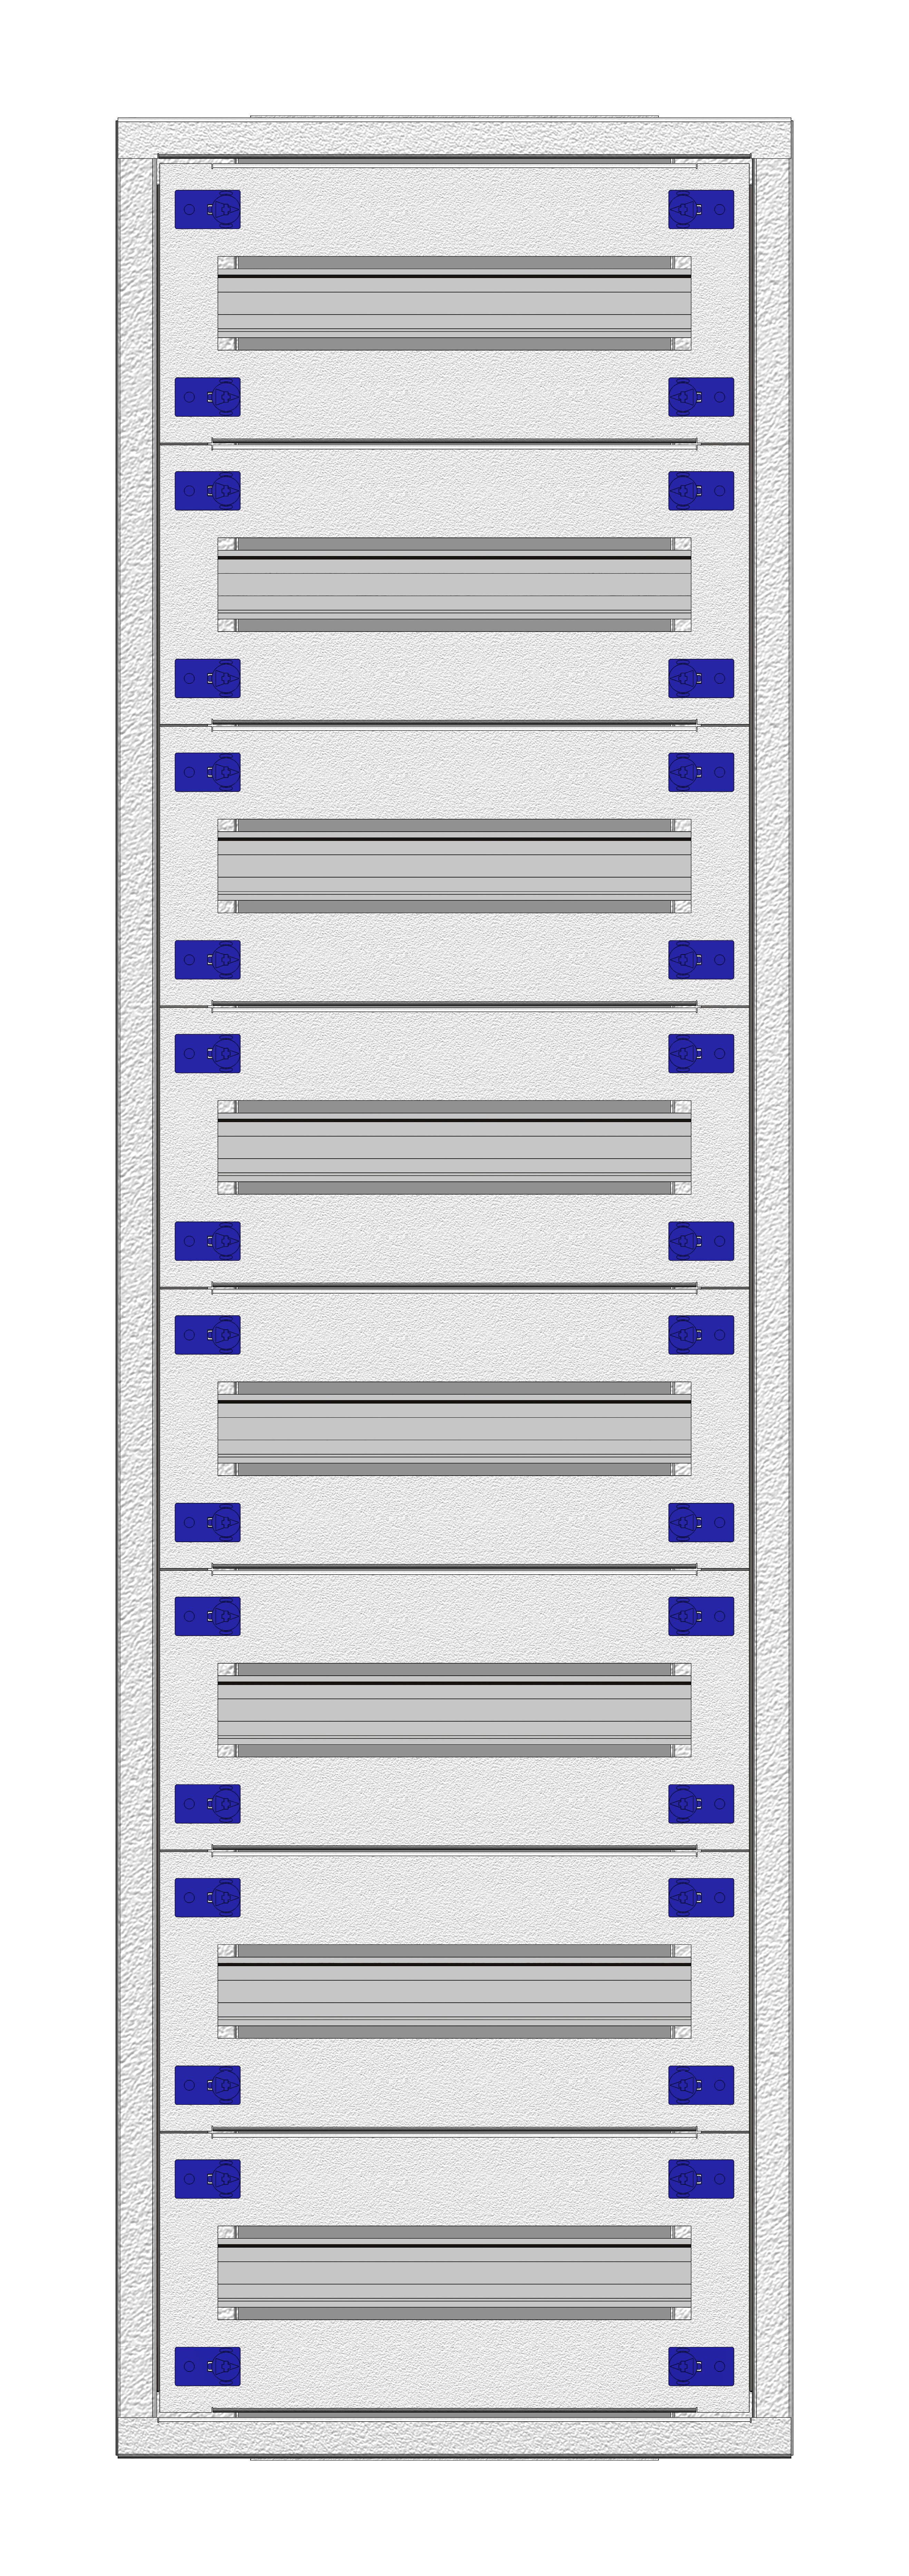 1 Stk Aufputz-Installationsverteiler 1A-24L, H1195B380T250mm IL172124AK